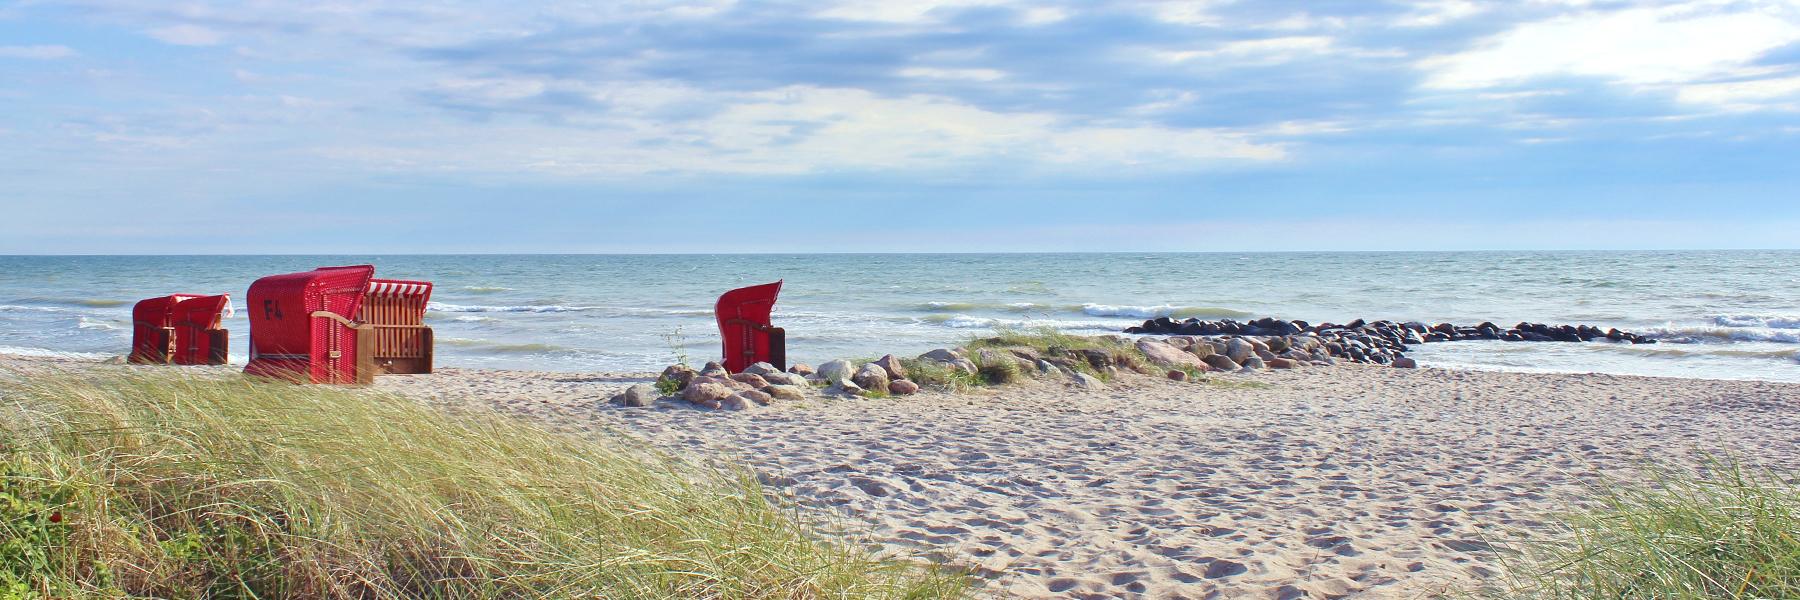 Strand mit Strandkorb, sonnig